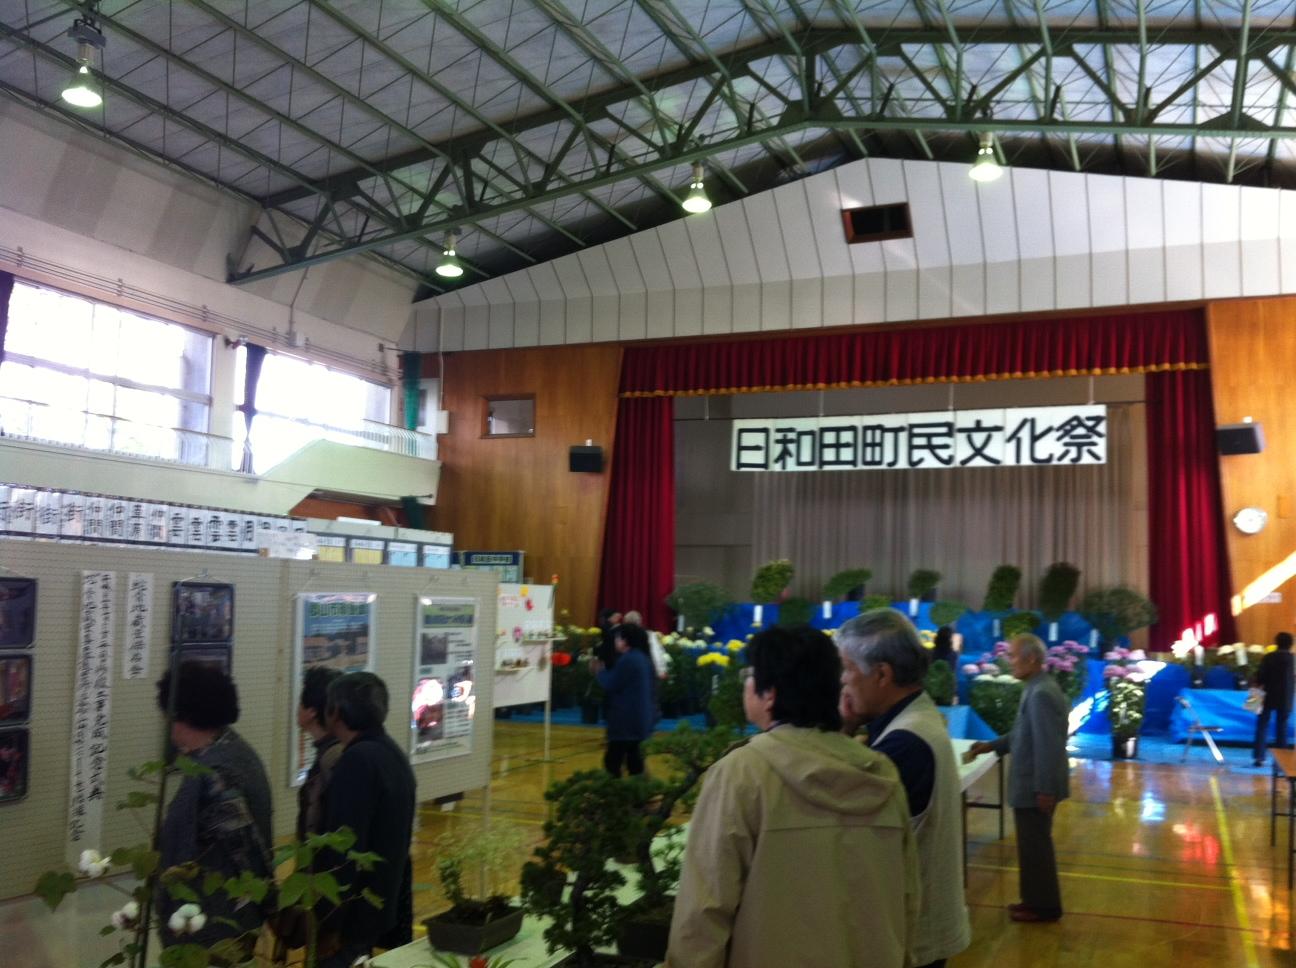 秋の文化祭 (日和田町民文化祭)_f0259324_11135166.jpg